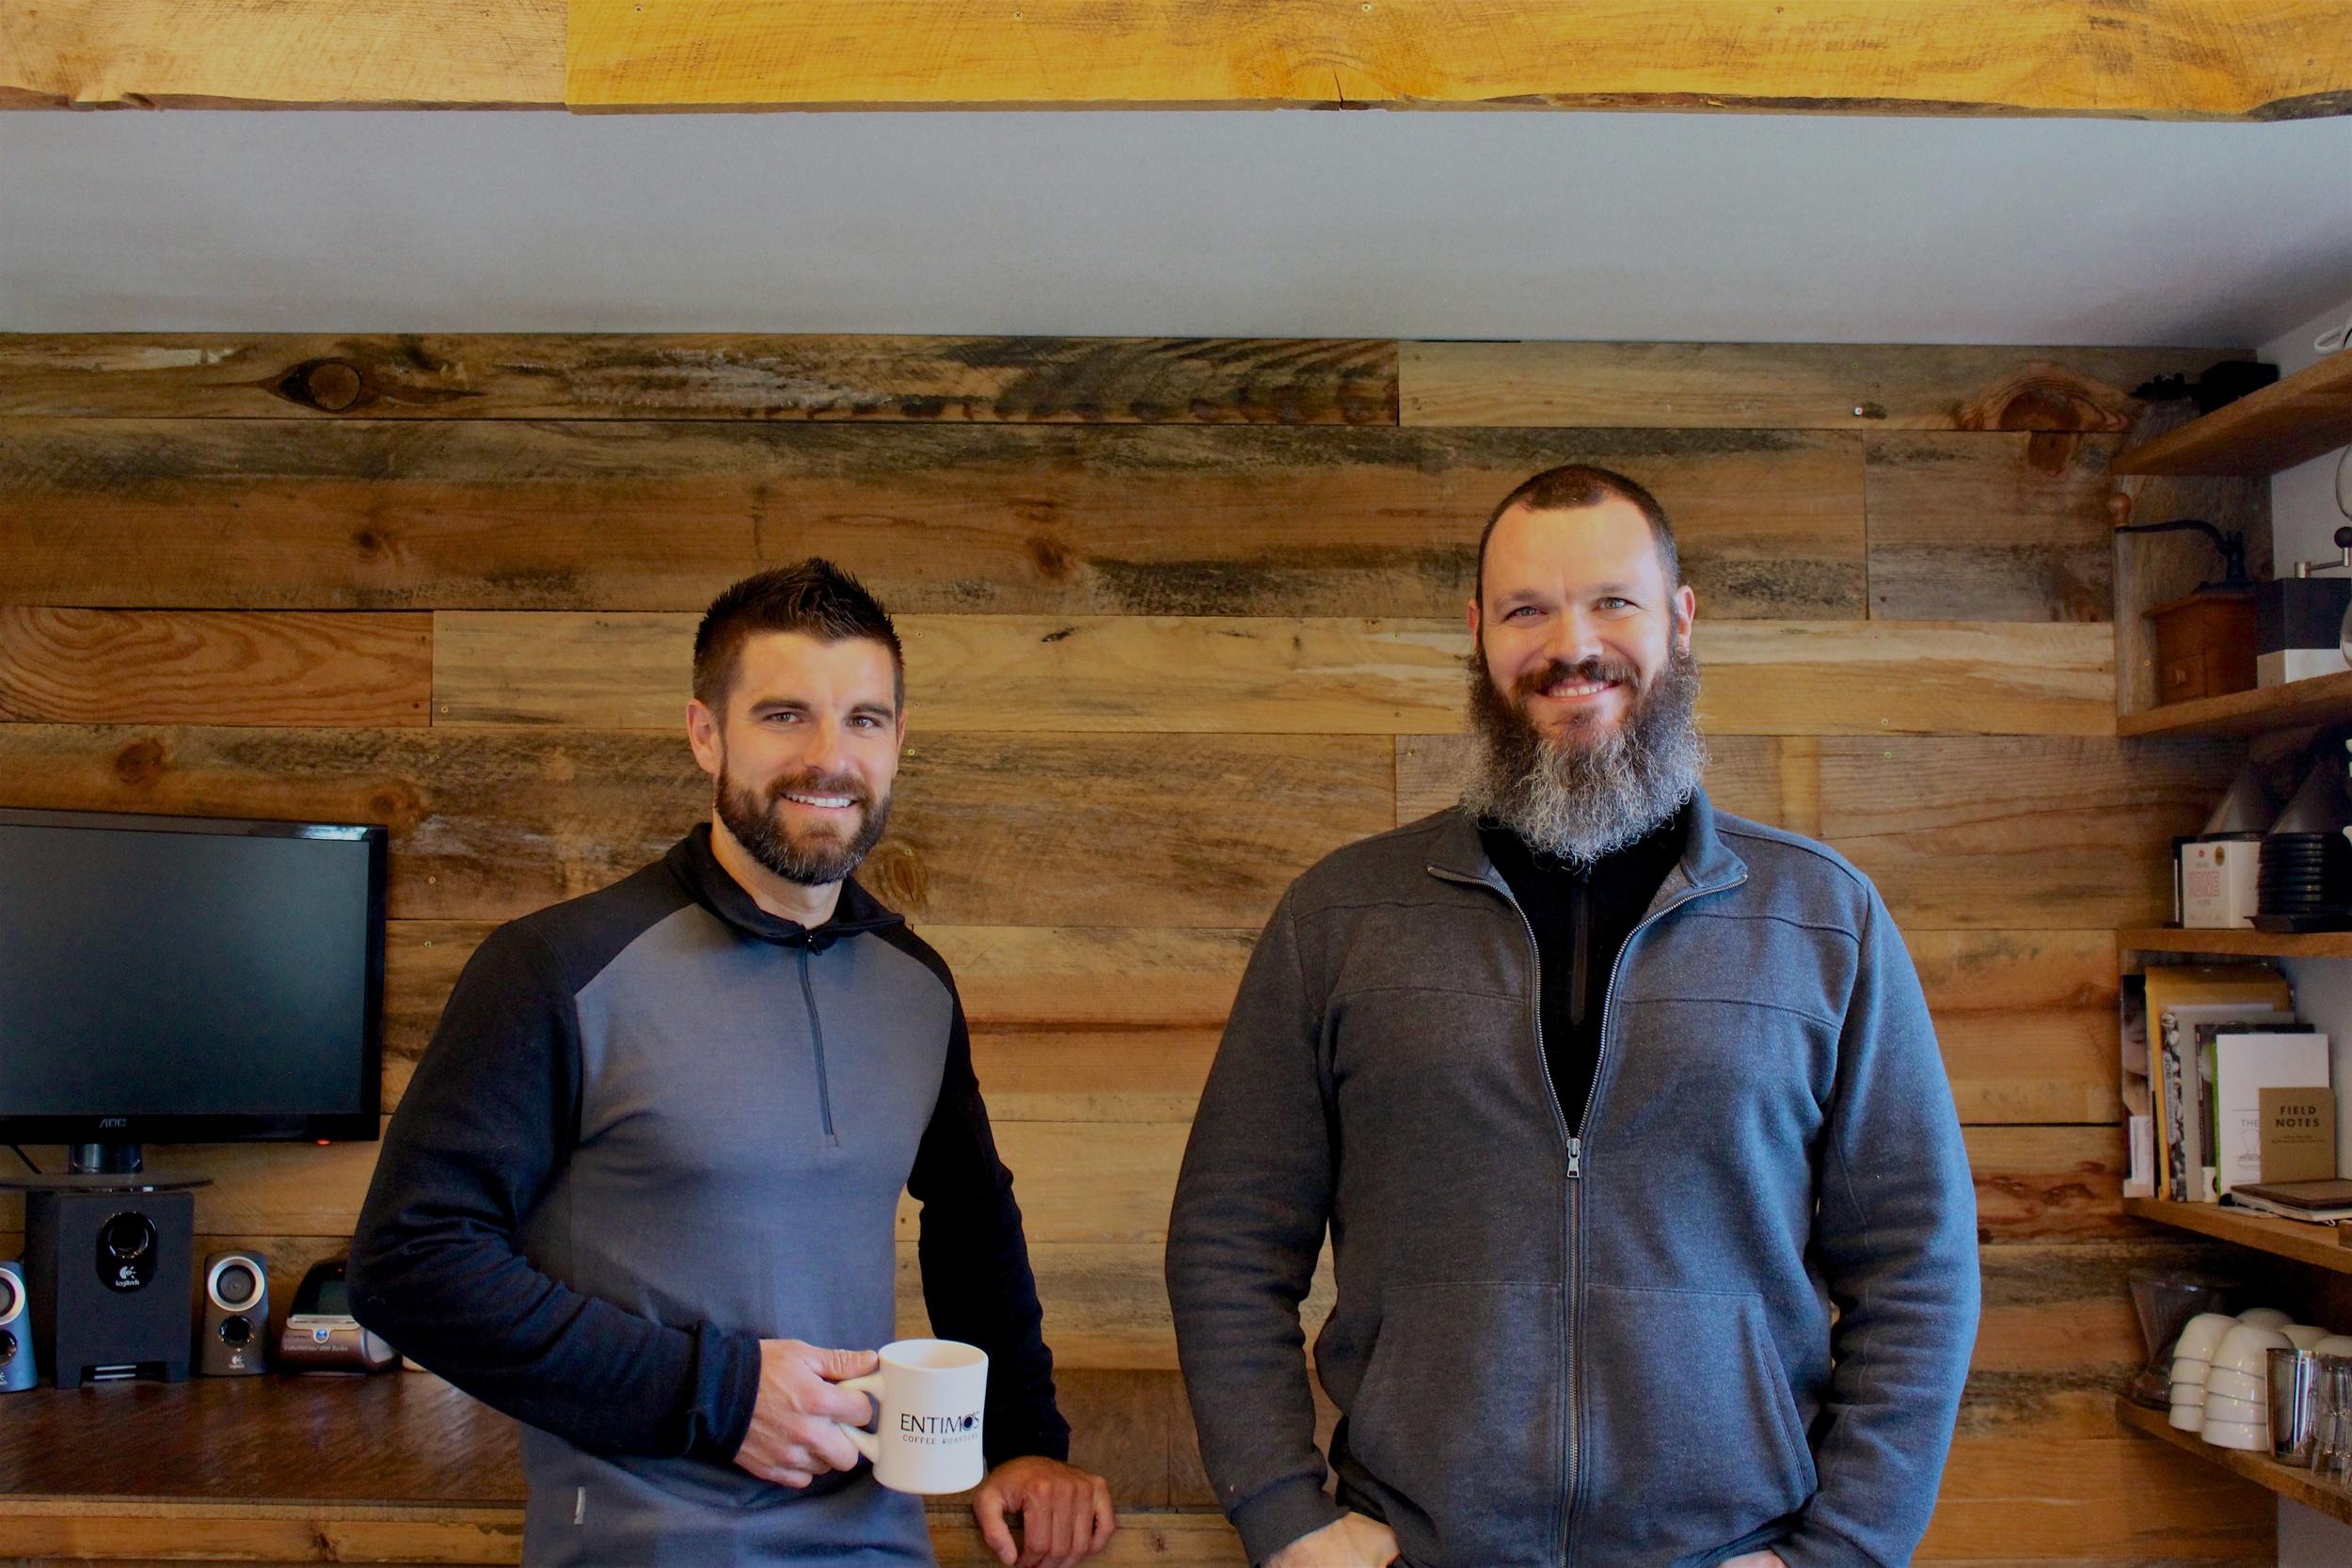 Tim Tubra: Co-Owner, Roaster // Matt Dittemore: Co-Owner, Roaster